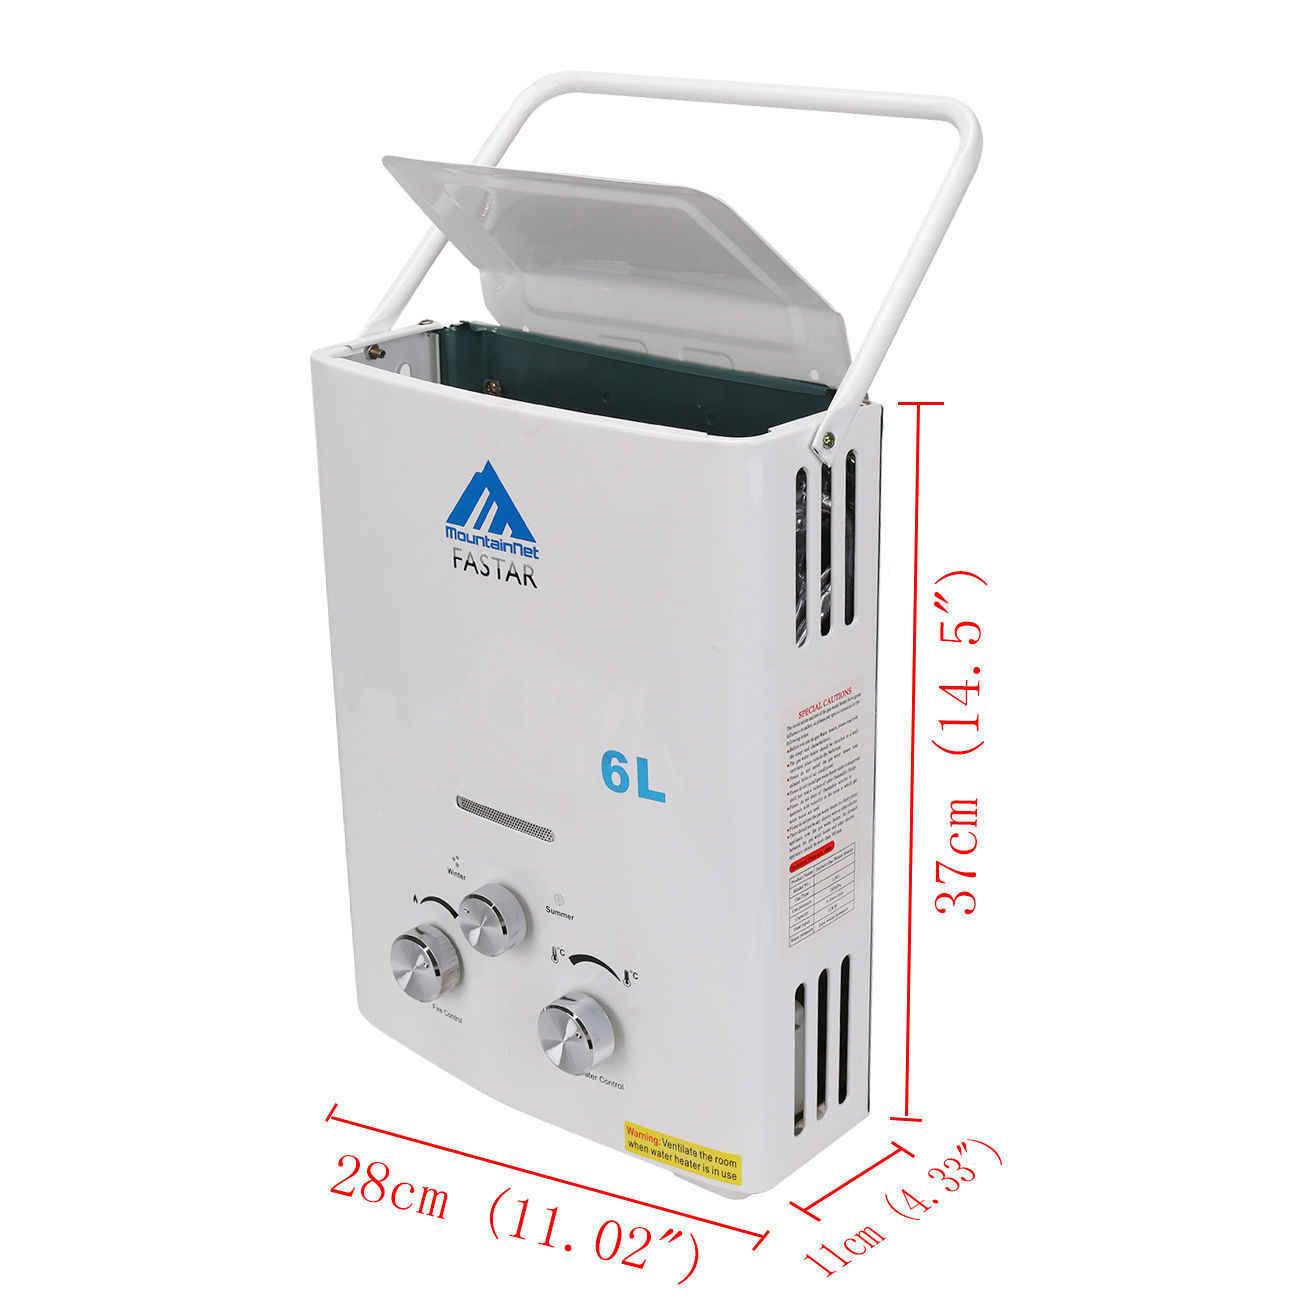 2019 Лидер продаж переносной водонагреватель CAMPER нагреватель воды для кемпинга котел сжиженного газа 12KW 6L + мгновенный Душ самостоятельно построить